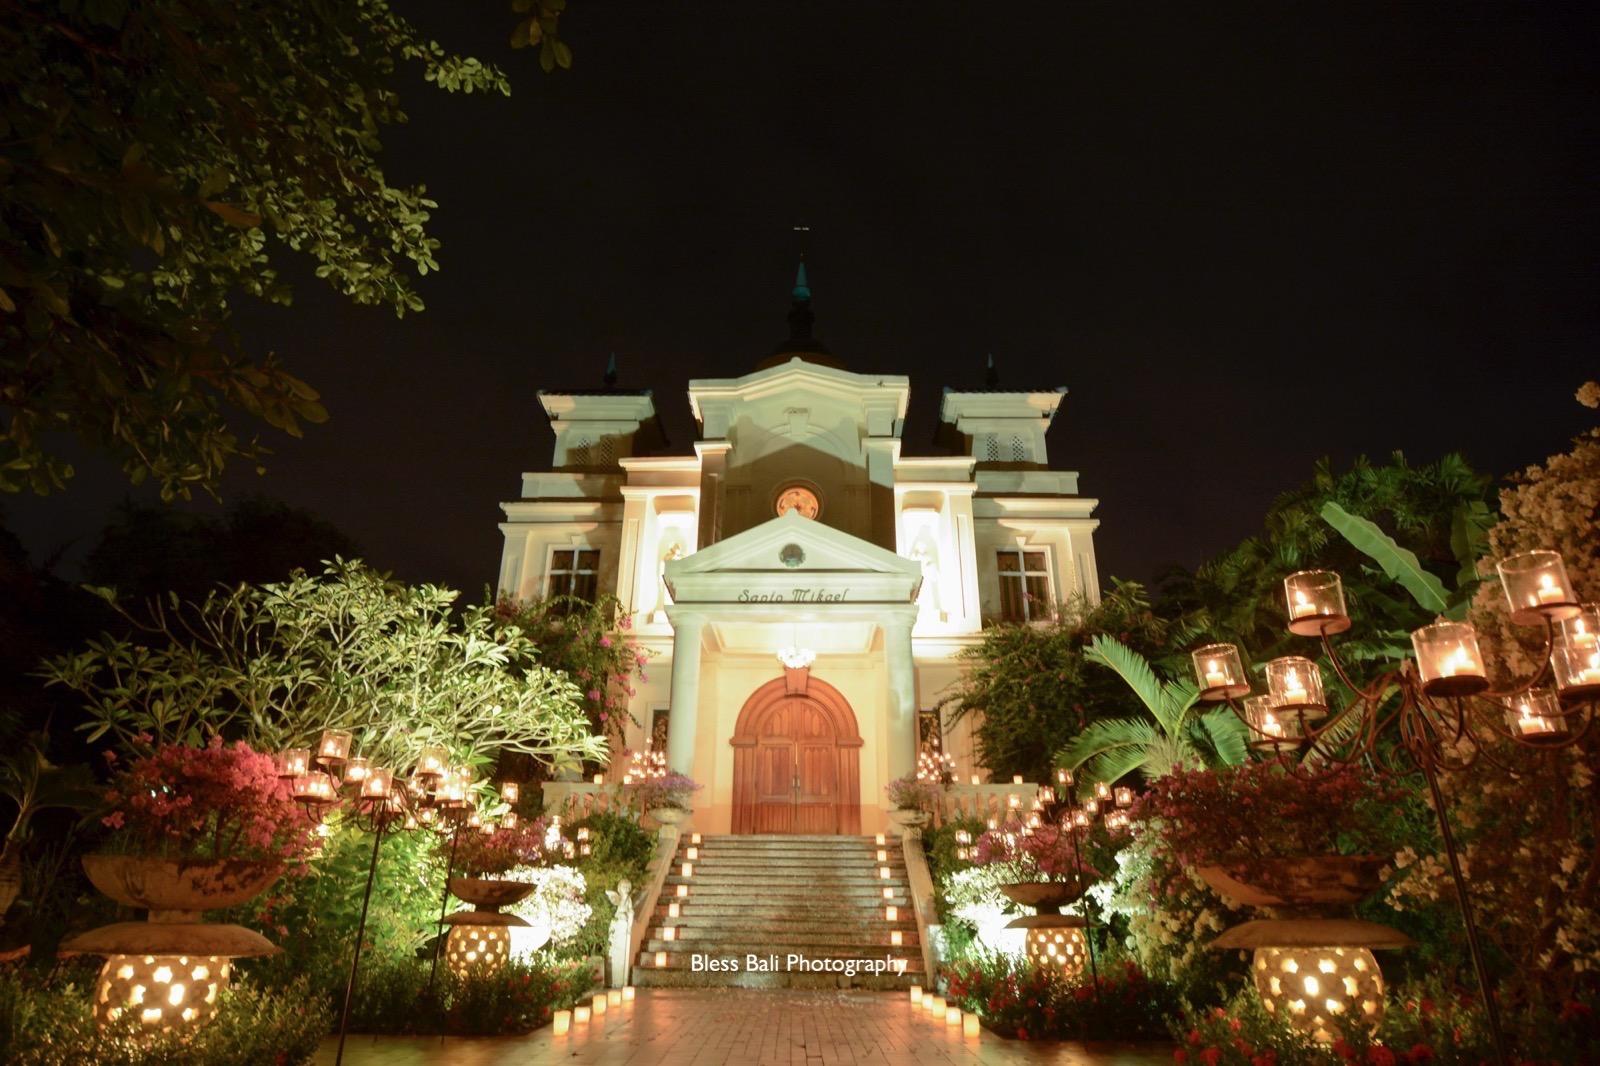 ライトアップされたロマンチックなサント・ミカエル教会